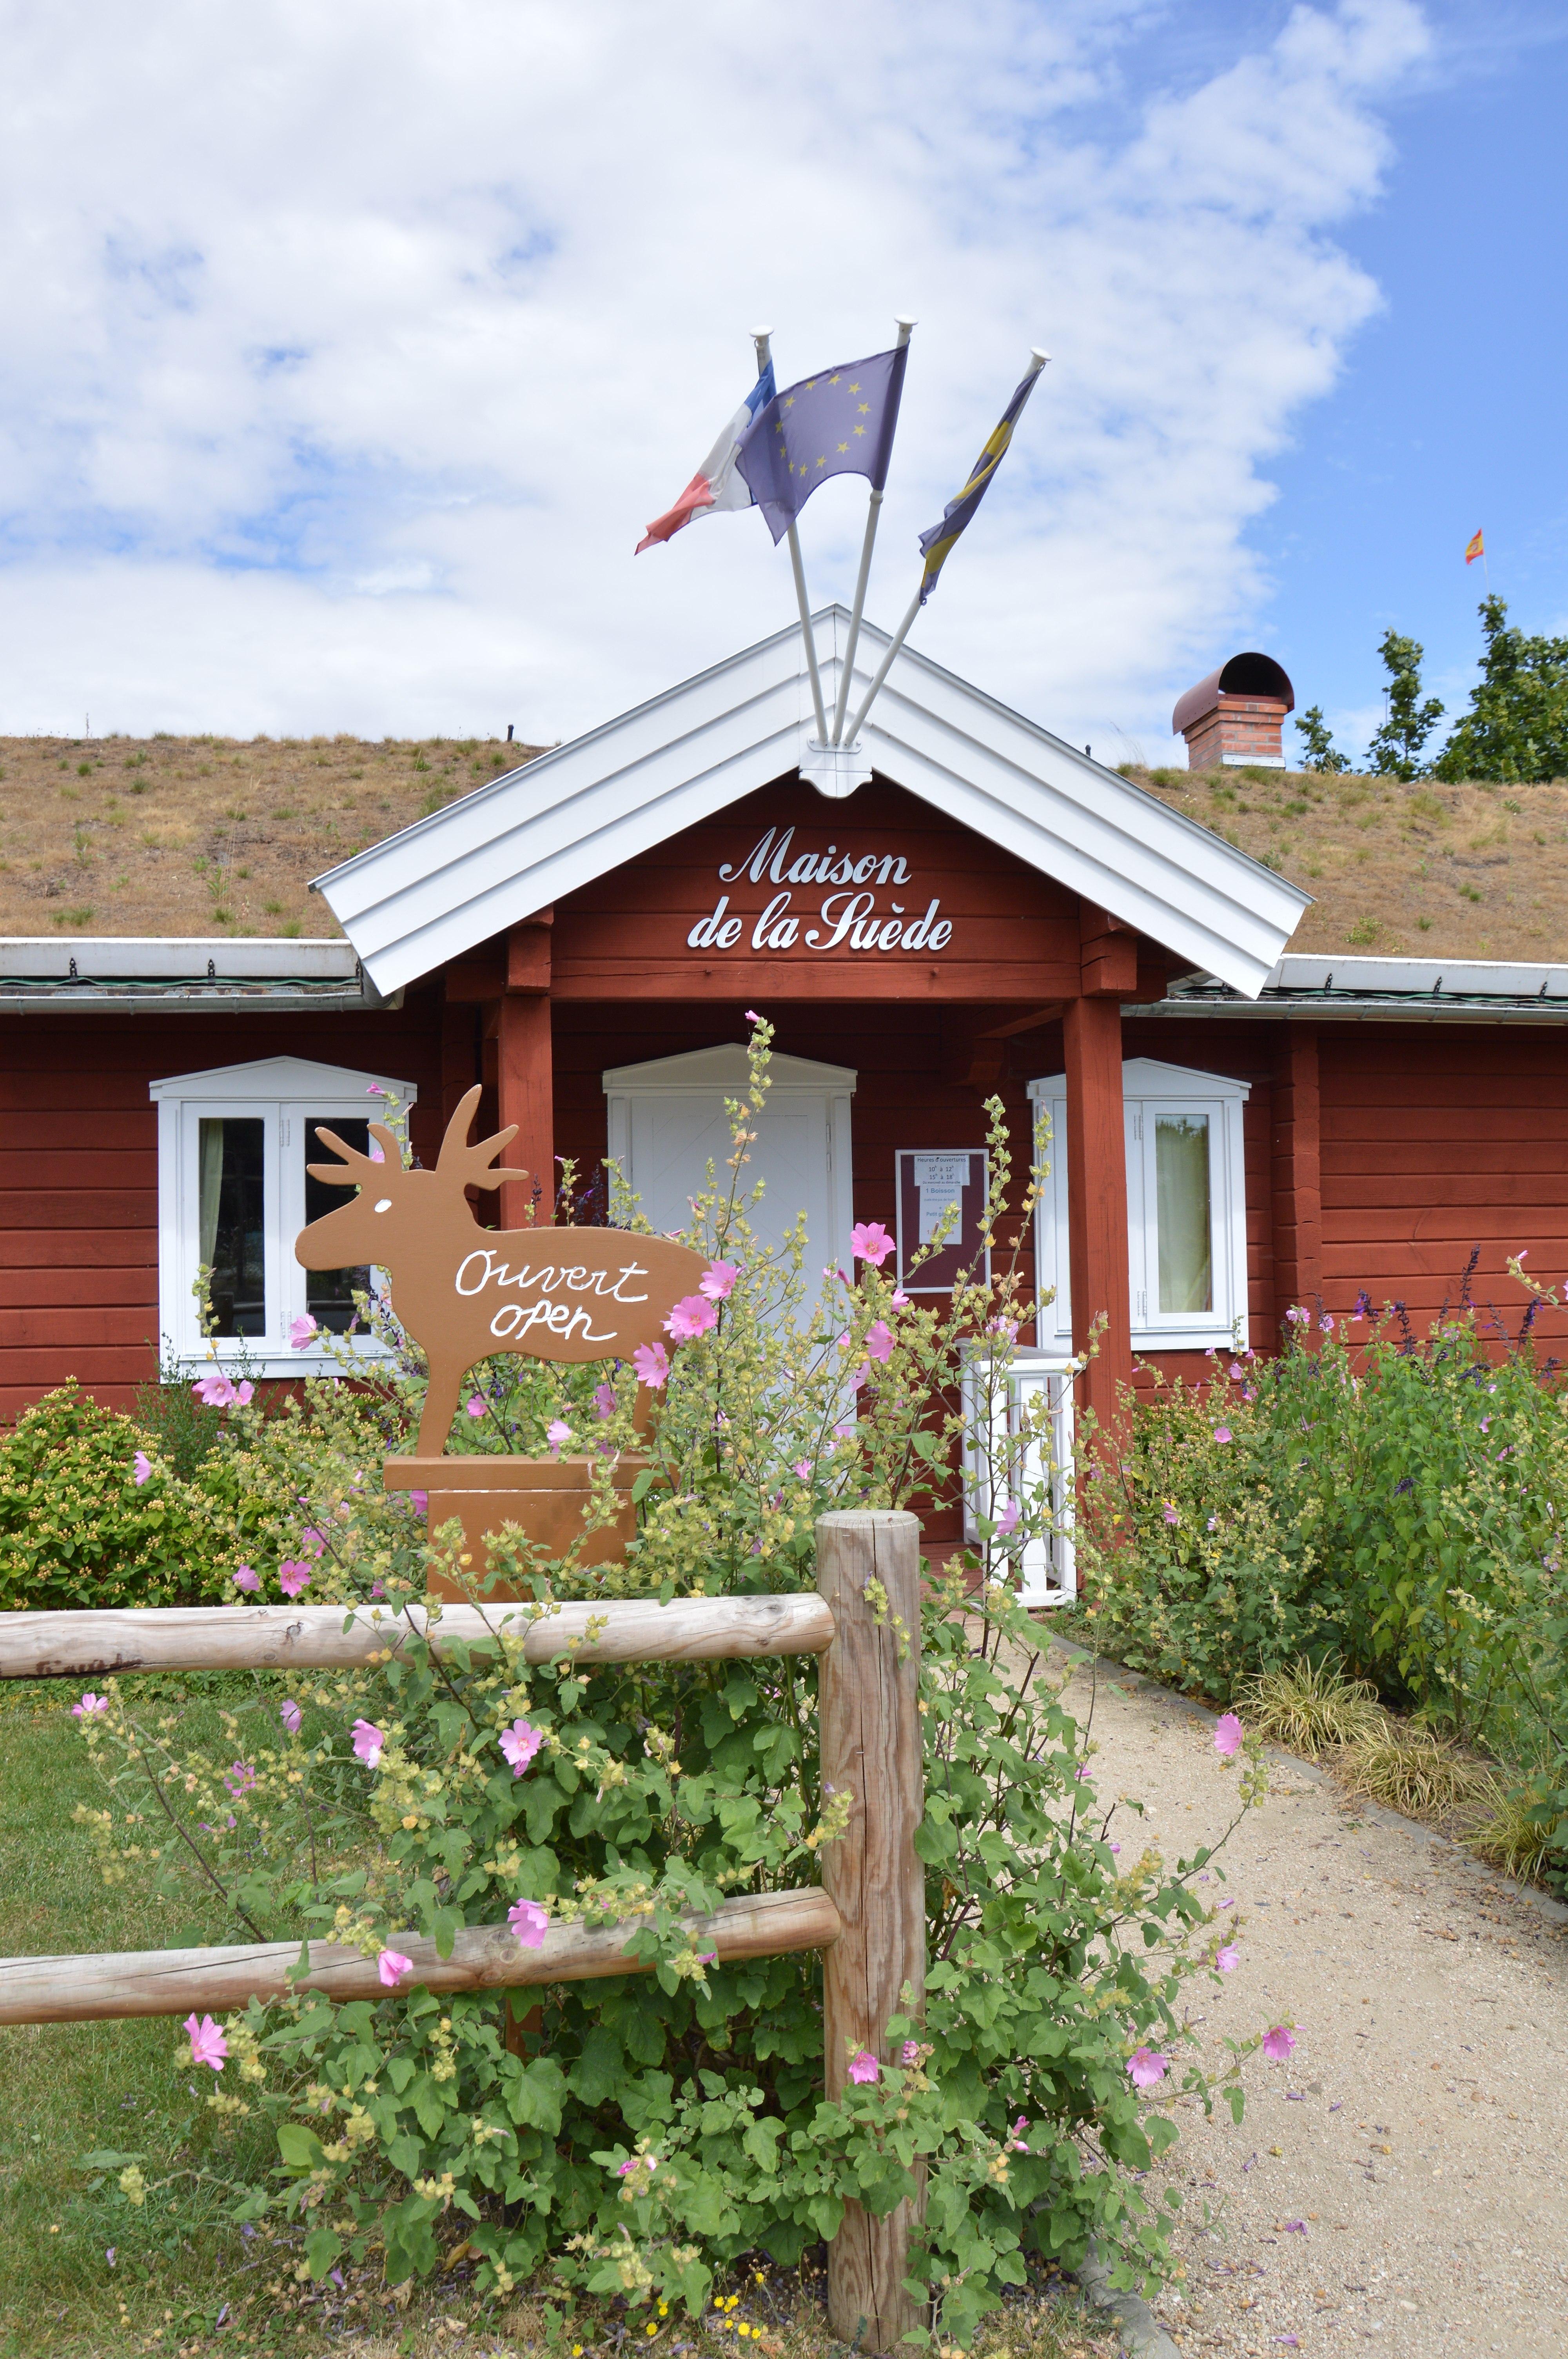 La Maison De La Suede file:maison-suede cepoy - wikimedia commons